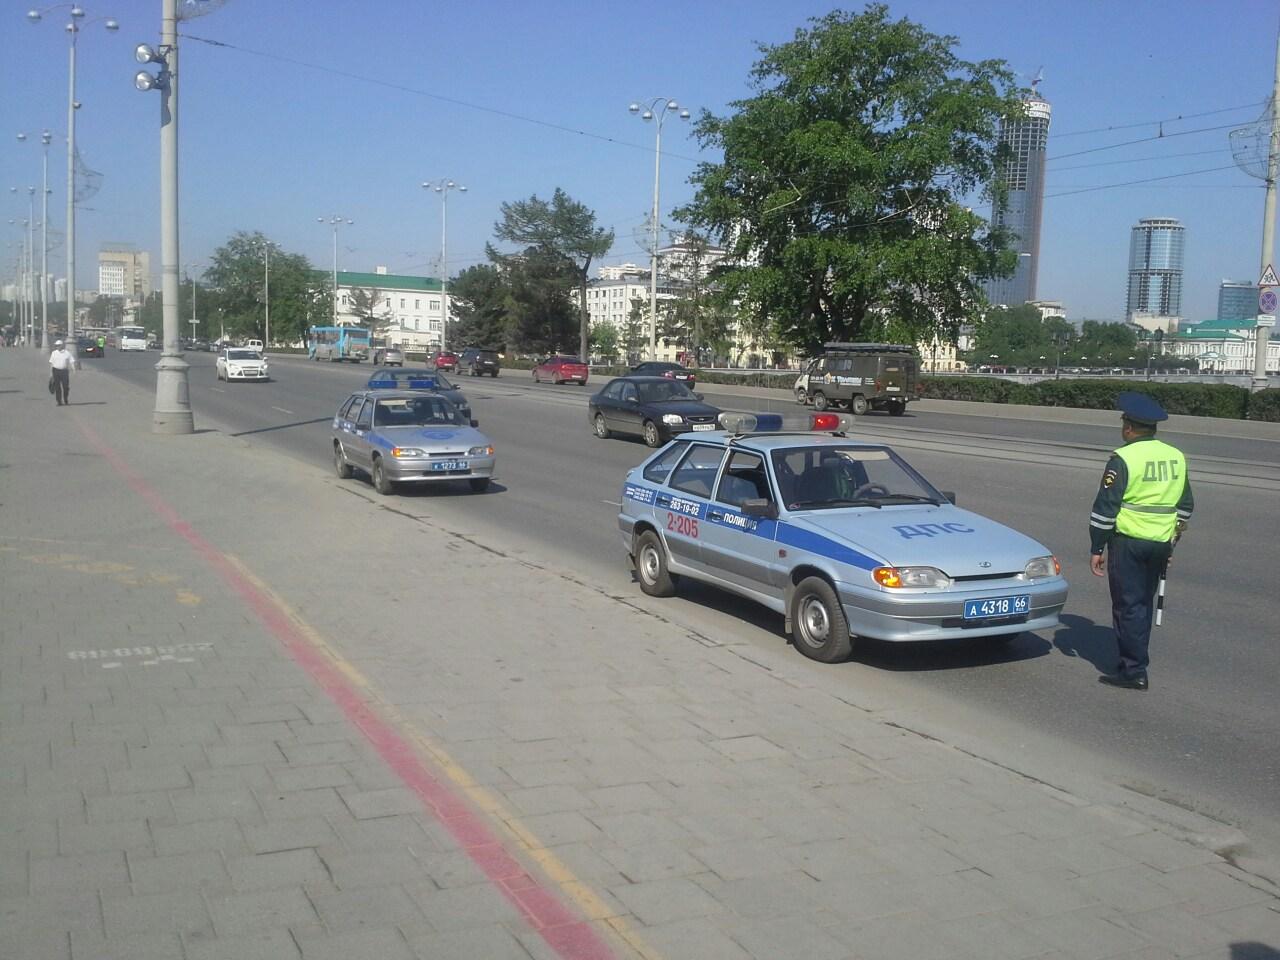 Учения полицейских в центре Екатеринбурга взволновали горожан